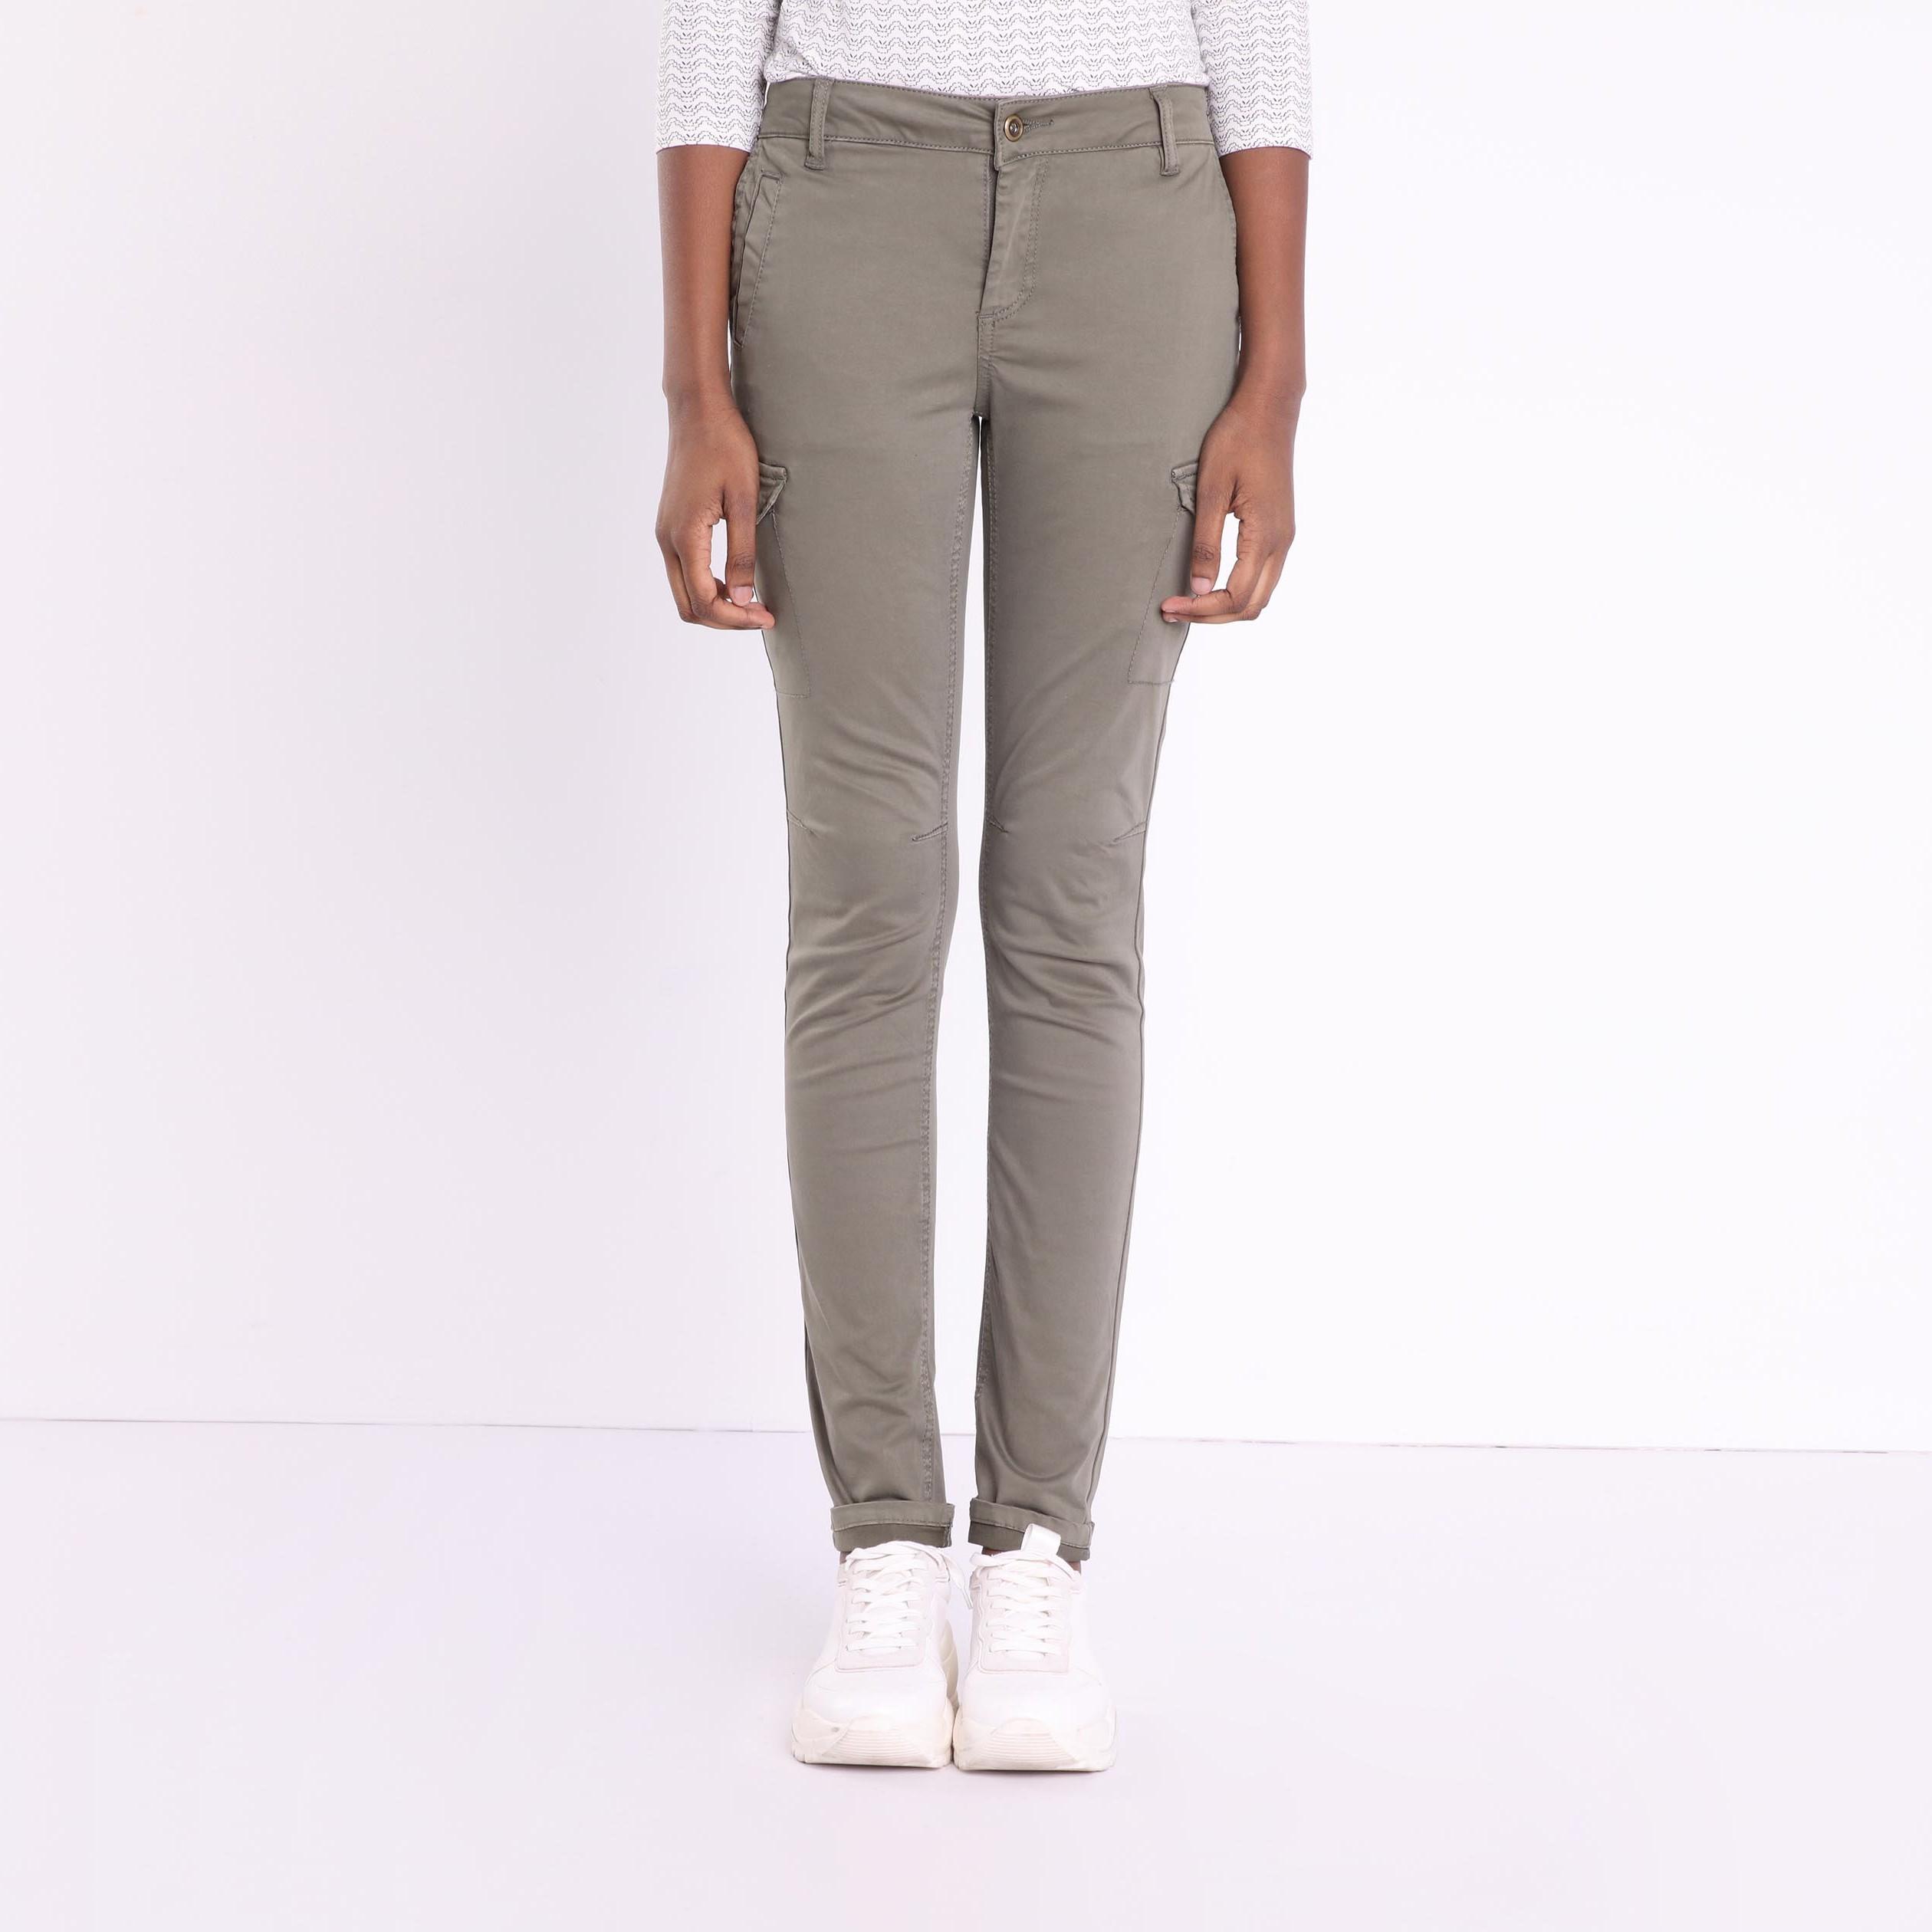 Kaki Poches 7 Vert Skinny Pantalon Femme IYWDEeH29